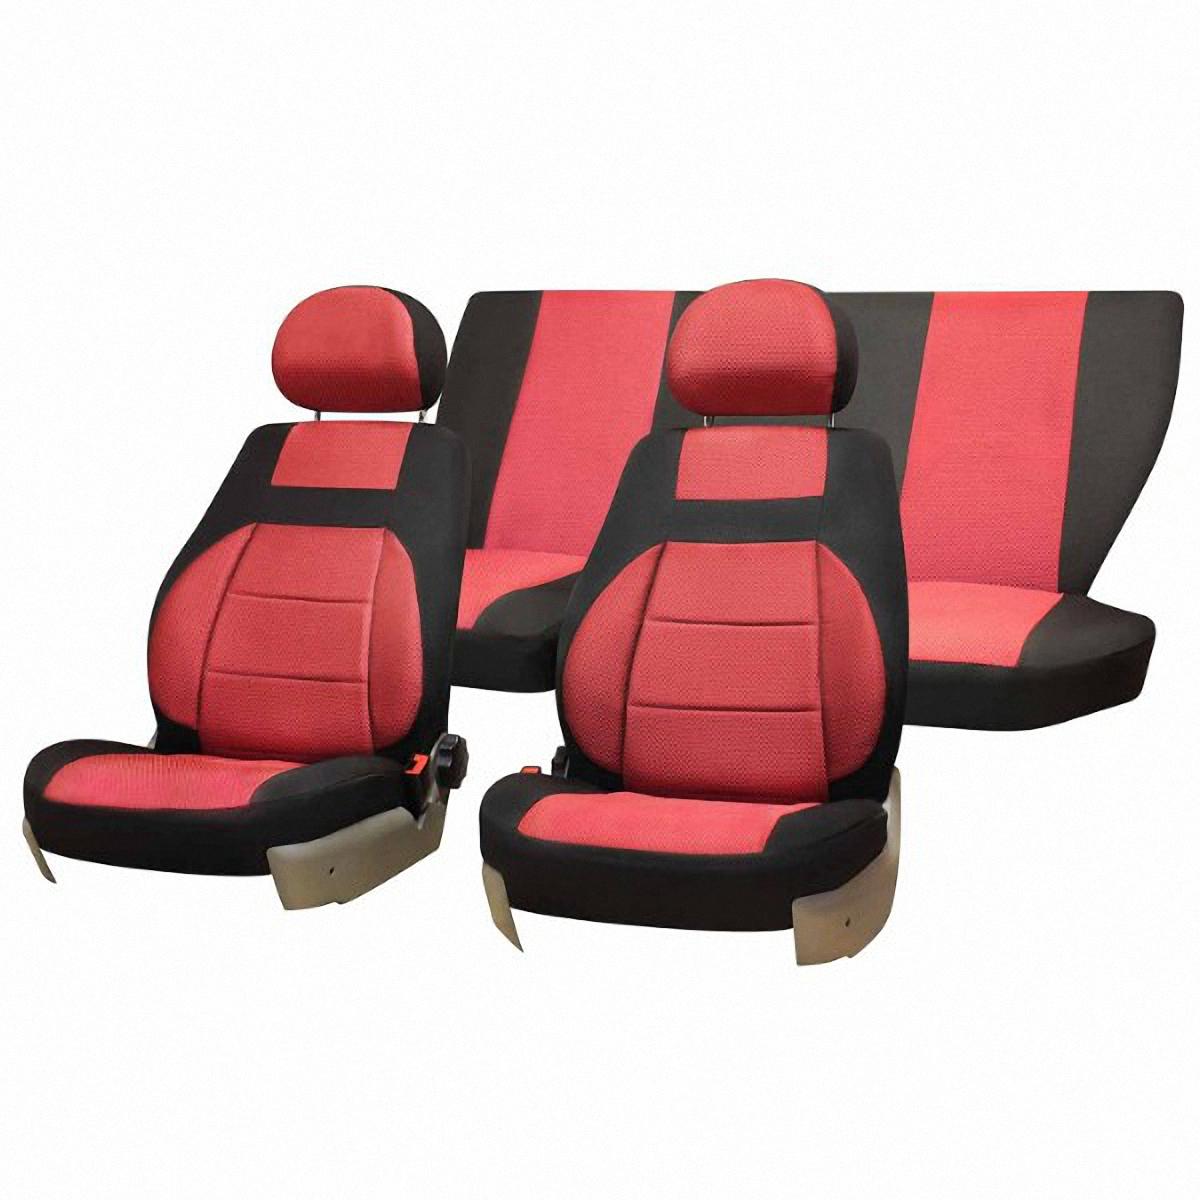 Чехлы автомобильные Skyway, для Lada Kalina 2004-2013, цвет: красный, черныйCA-3505Автомобильные чехлы Skyway изготовлены из качественного жаккарда. Чехлы идеально повторяют штатную форму сидений и выглядят как оригинальная обивка сидений. Разработаны индивидуально для каждой модели автомобиля. Авточехлы Skyway просты в уходе - загрязнения легко удаляются влажной тканью. Чехлы имеют раздельную схему надевания. В комплекте 12 предметов.